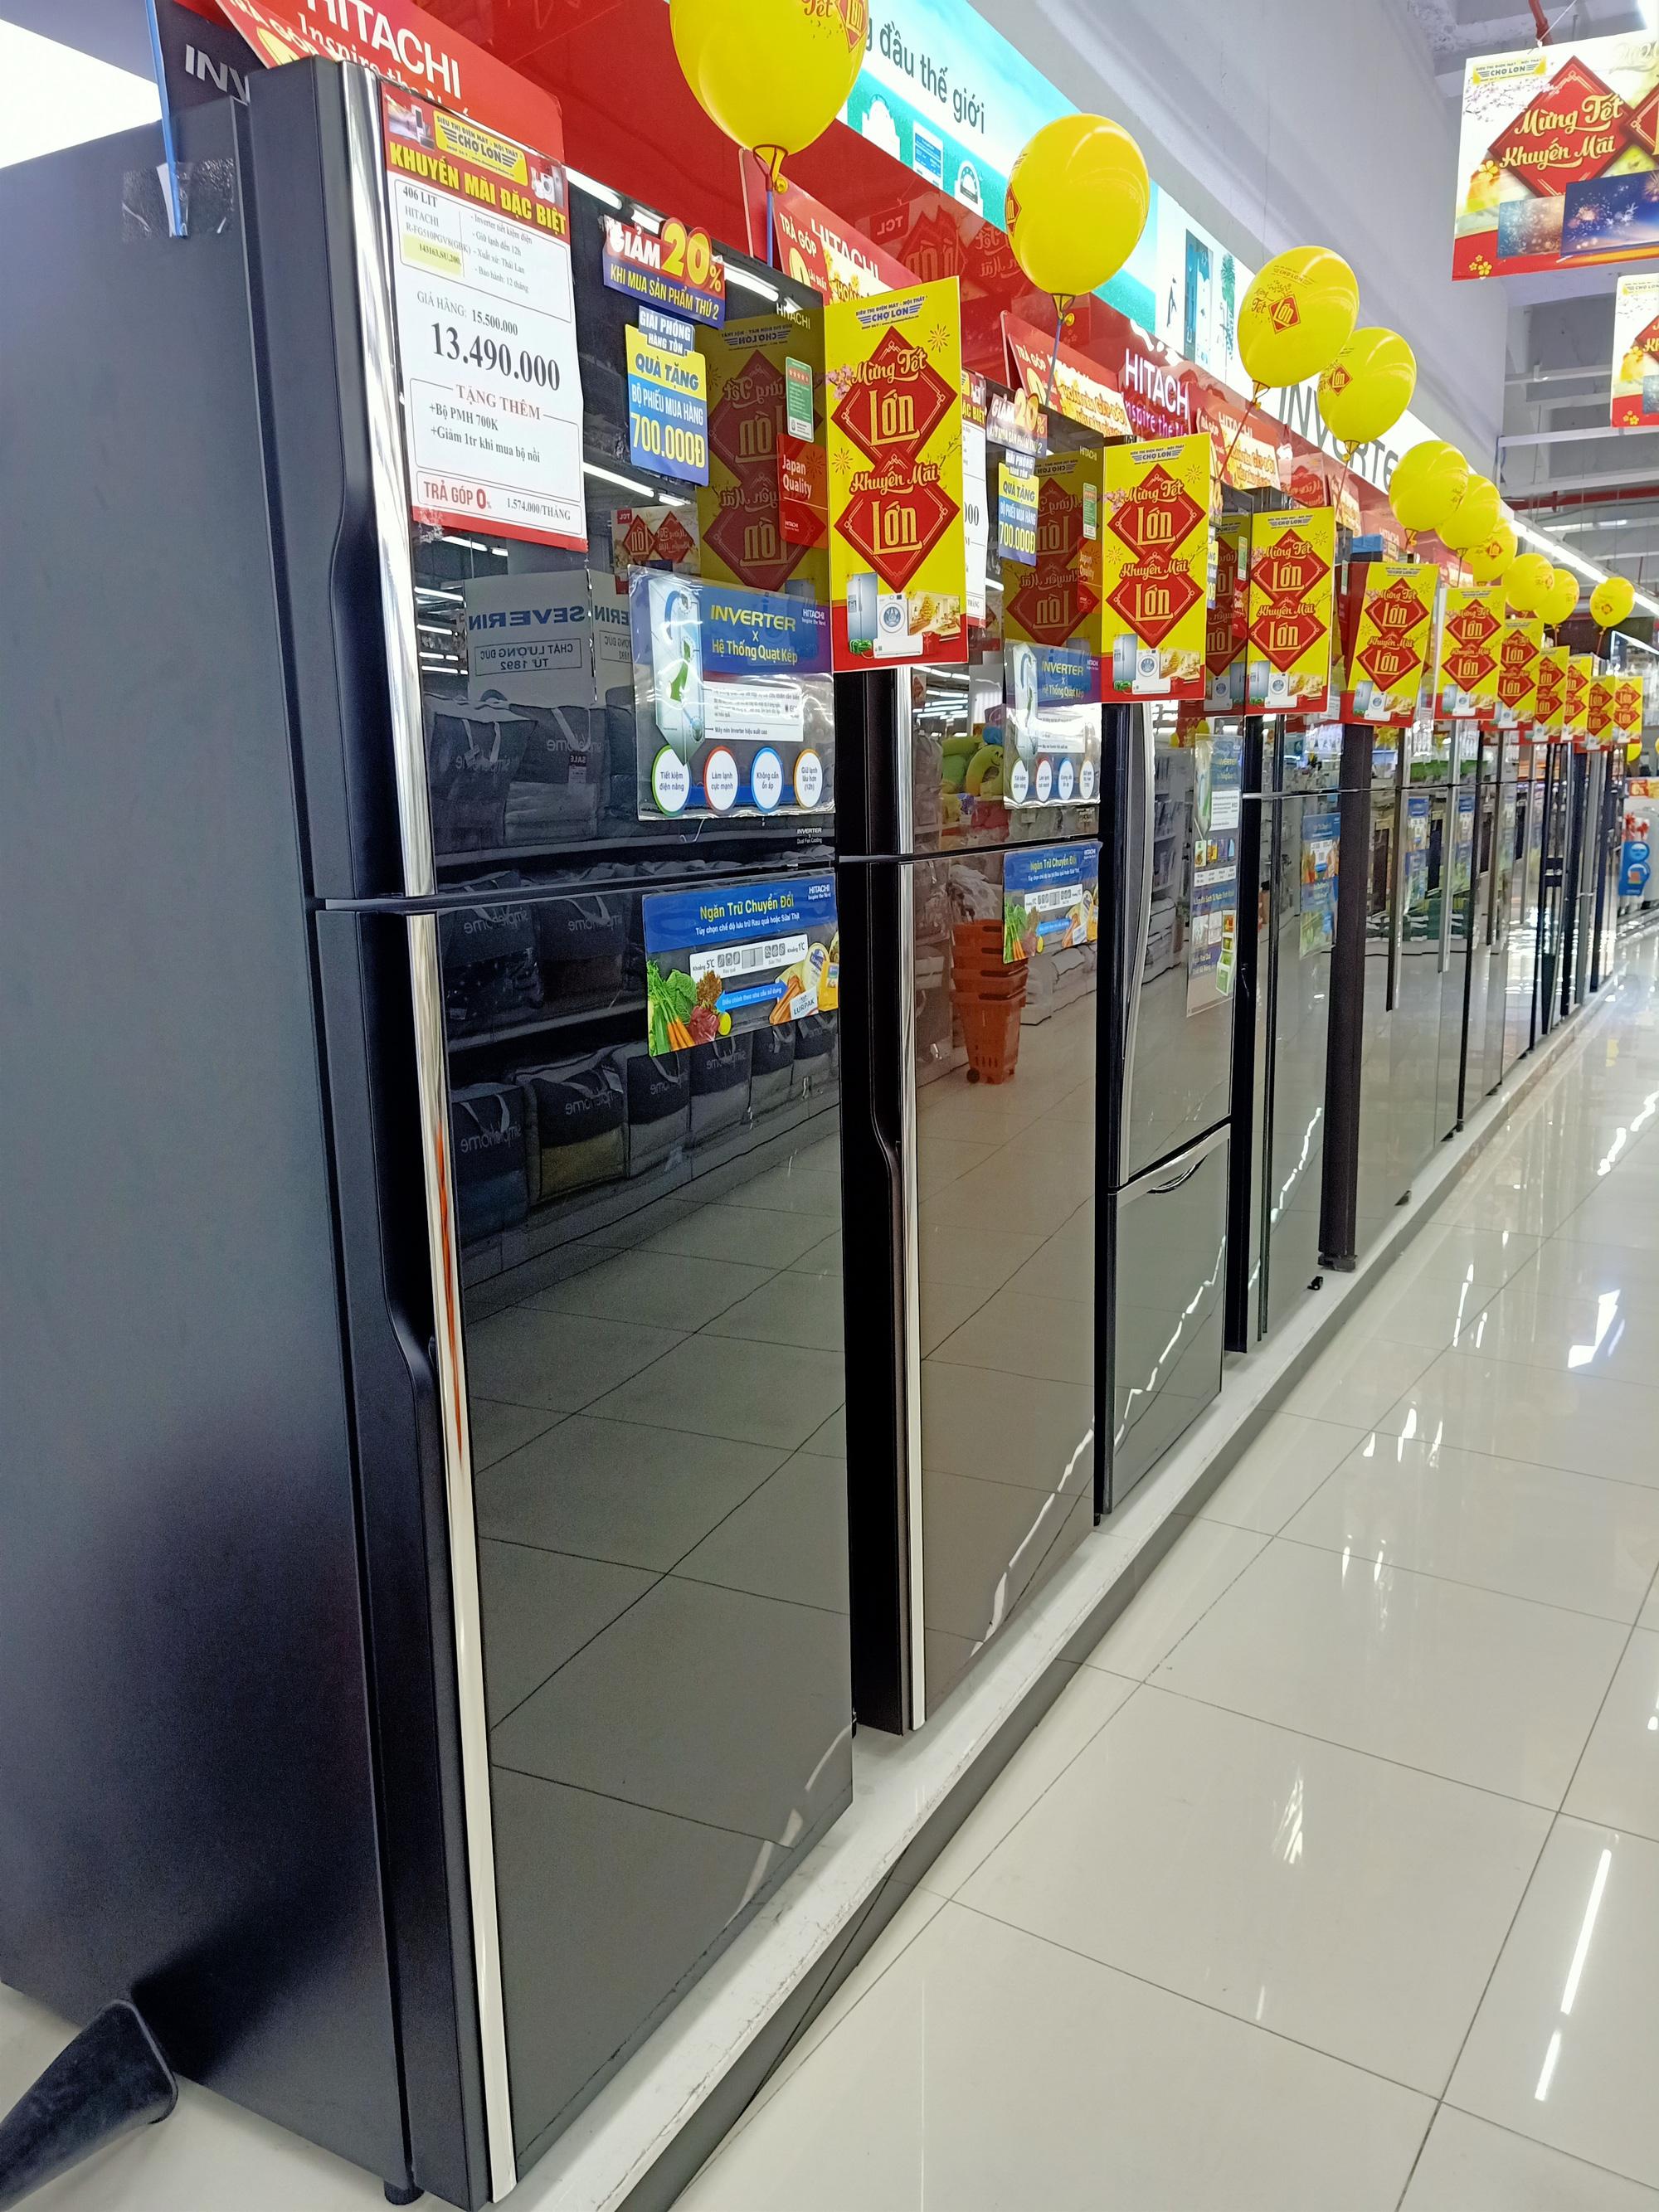 Nhiều máy lạnh có giá tốt hơn trong chương trình điện lạnh giảm giá - Ảnh 2.